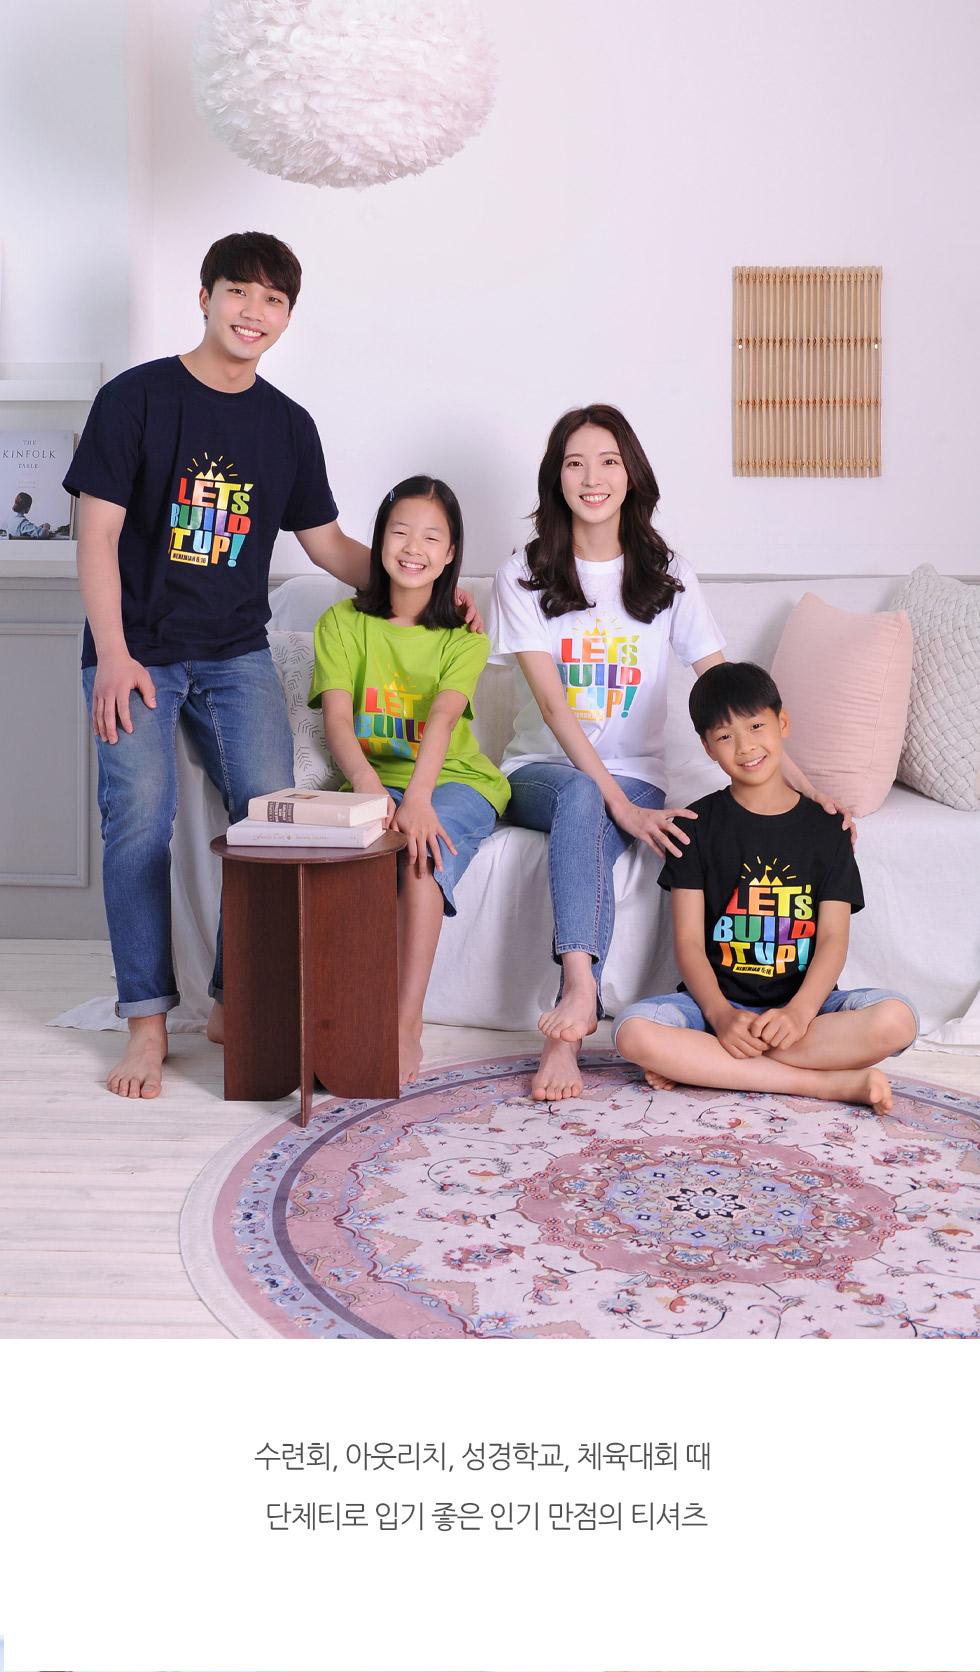 수련회, 아웃리치, 성경학교 어떤 행사에도 잘 어울리는 티셔츠